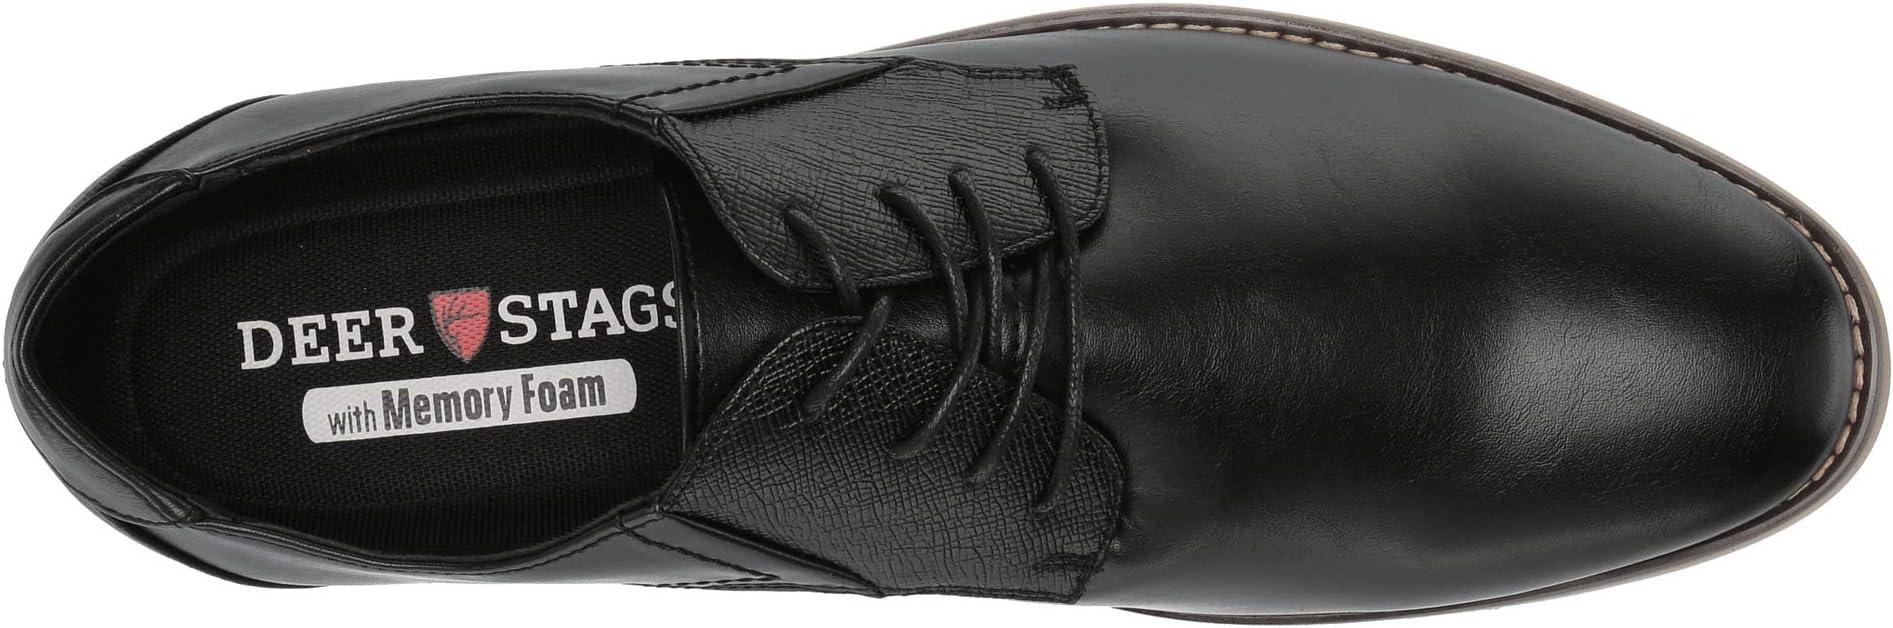 Deer Stags Matthew | Men's shoes | 2020 Newest